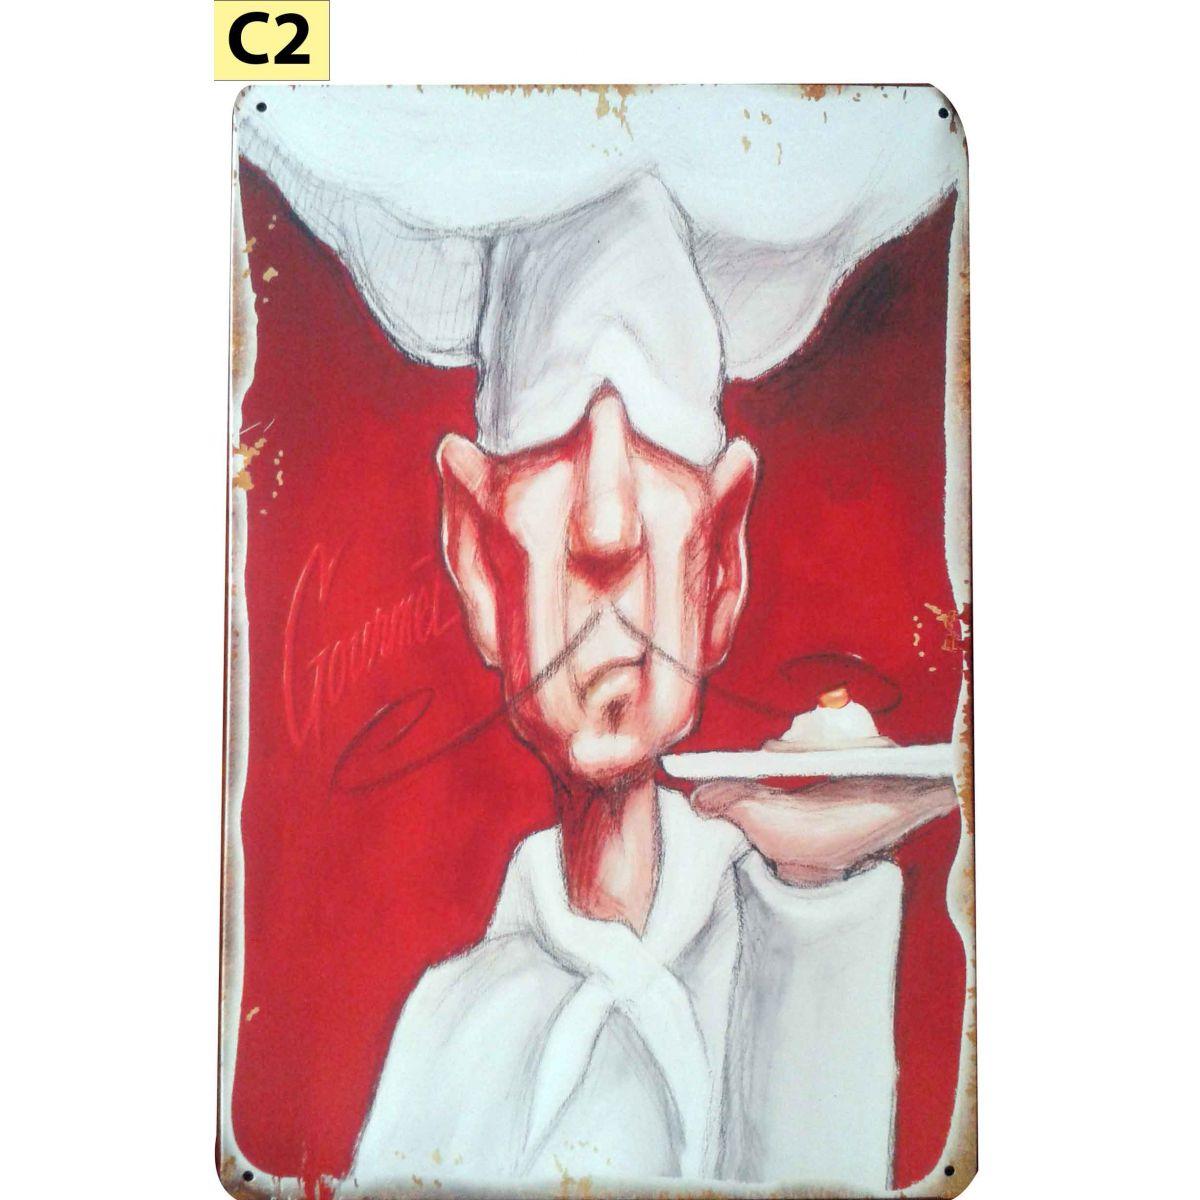 Placa Decorativa Vintage Cozinha Chefe Gourmet - Frete Grátis  - Thata Esportes